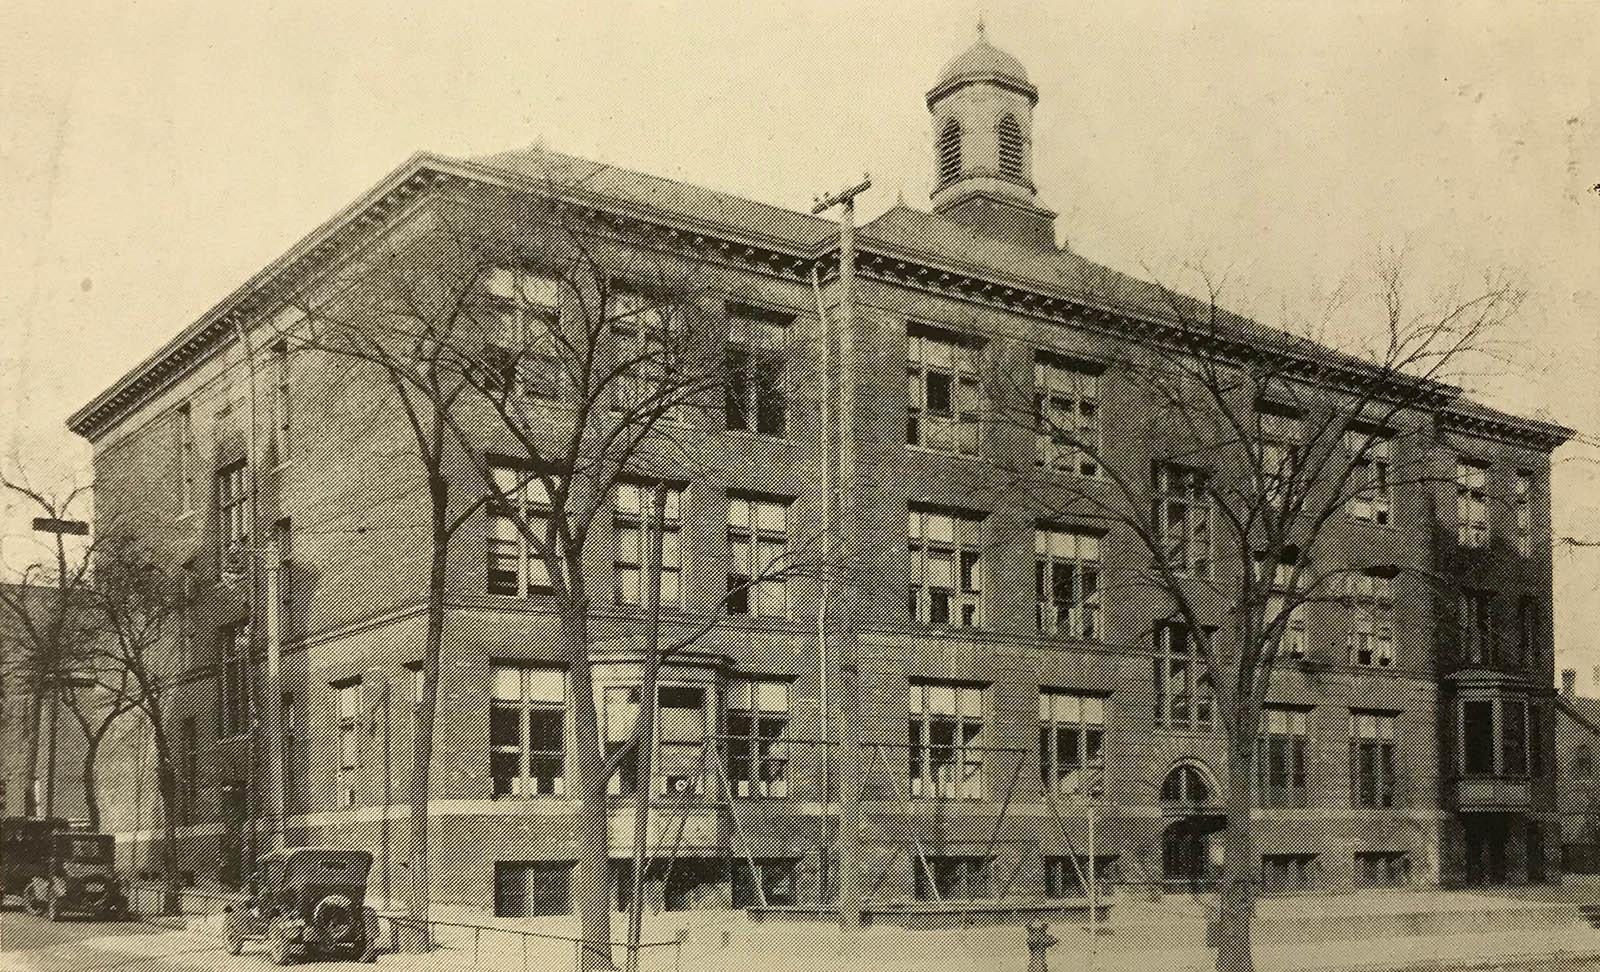 Highland Avenue School